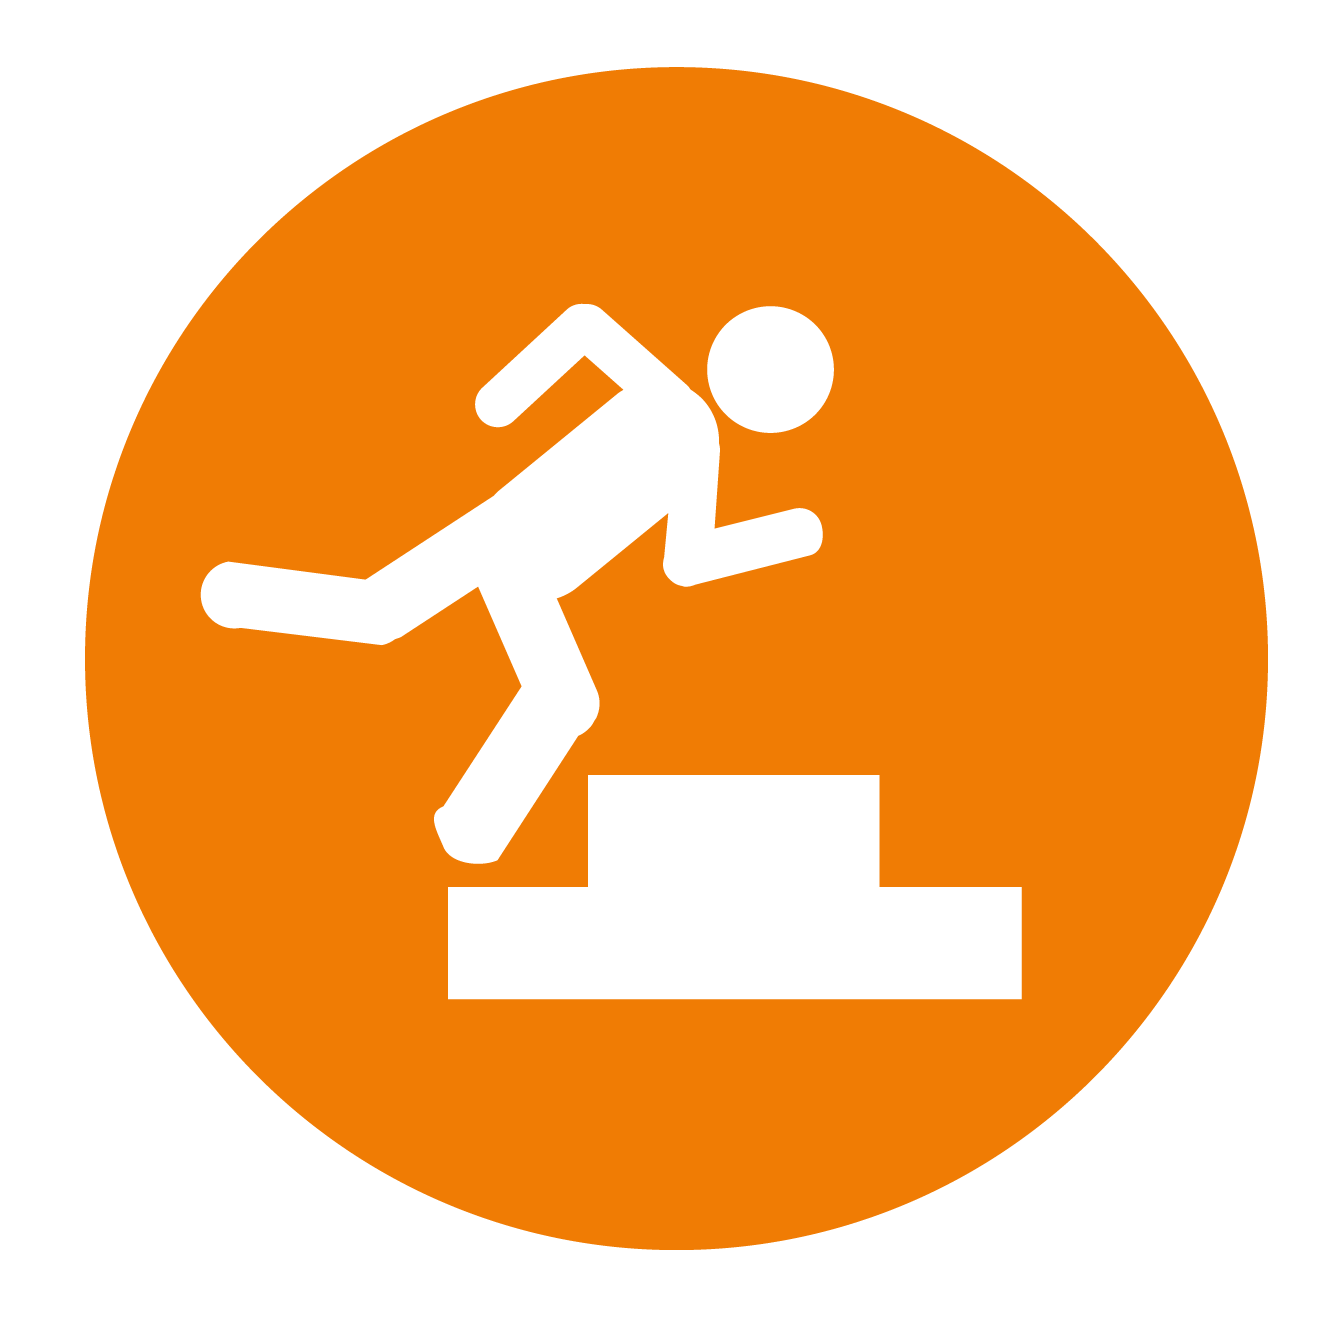 Proikos prevenci n de riesgos en oficinas for Prevencion de riesgos laborales en la oficina